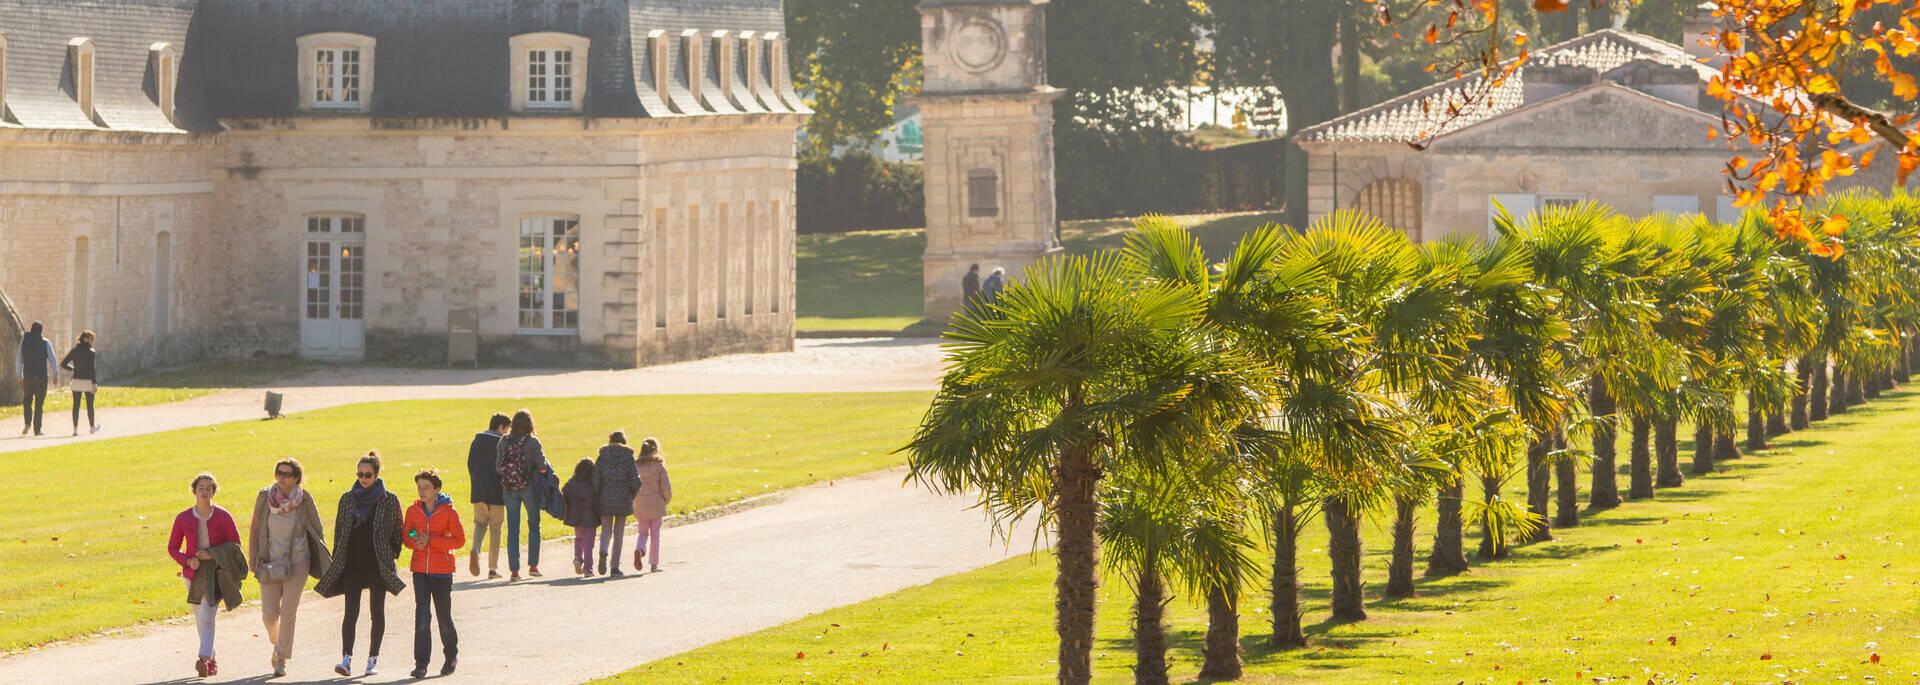 Promenade le long des jardins de l'arsenal à Rochefort - © Laurent Pétillon